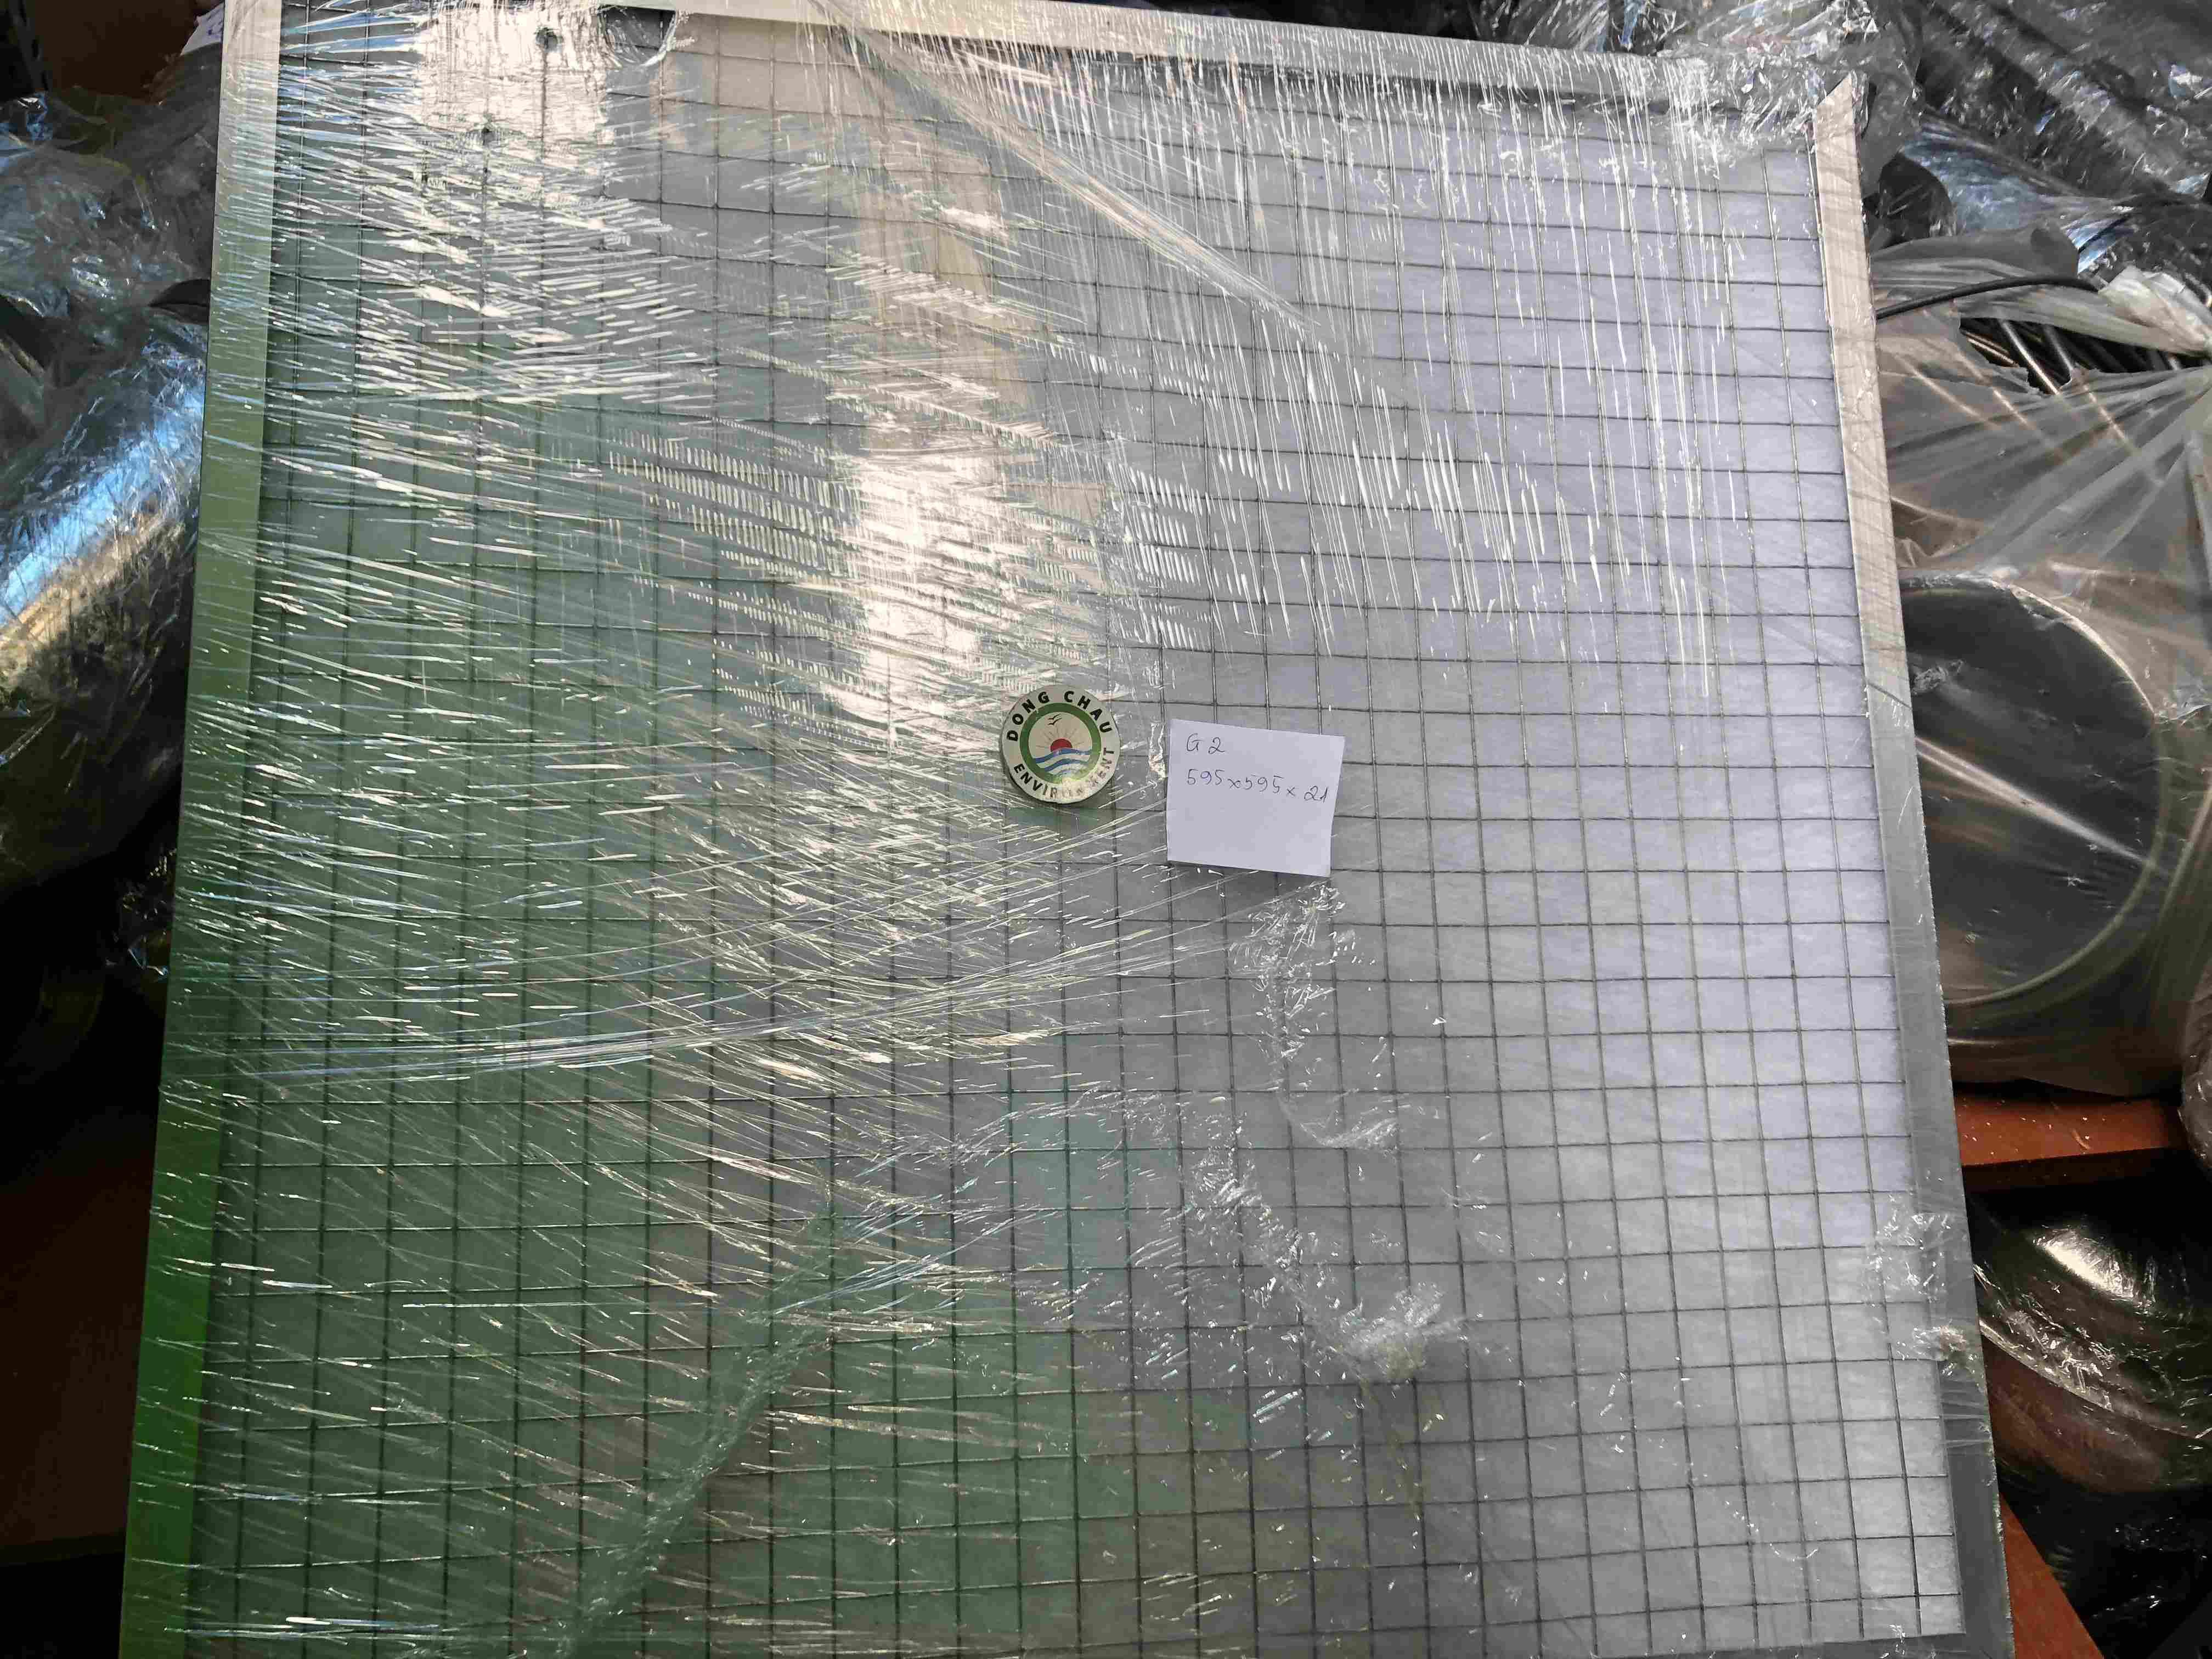 Khung lọc khí thô G4 595 x 595 x 21 mm